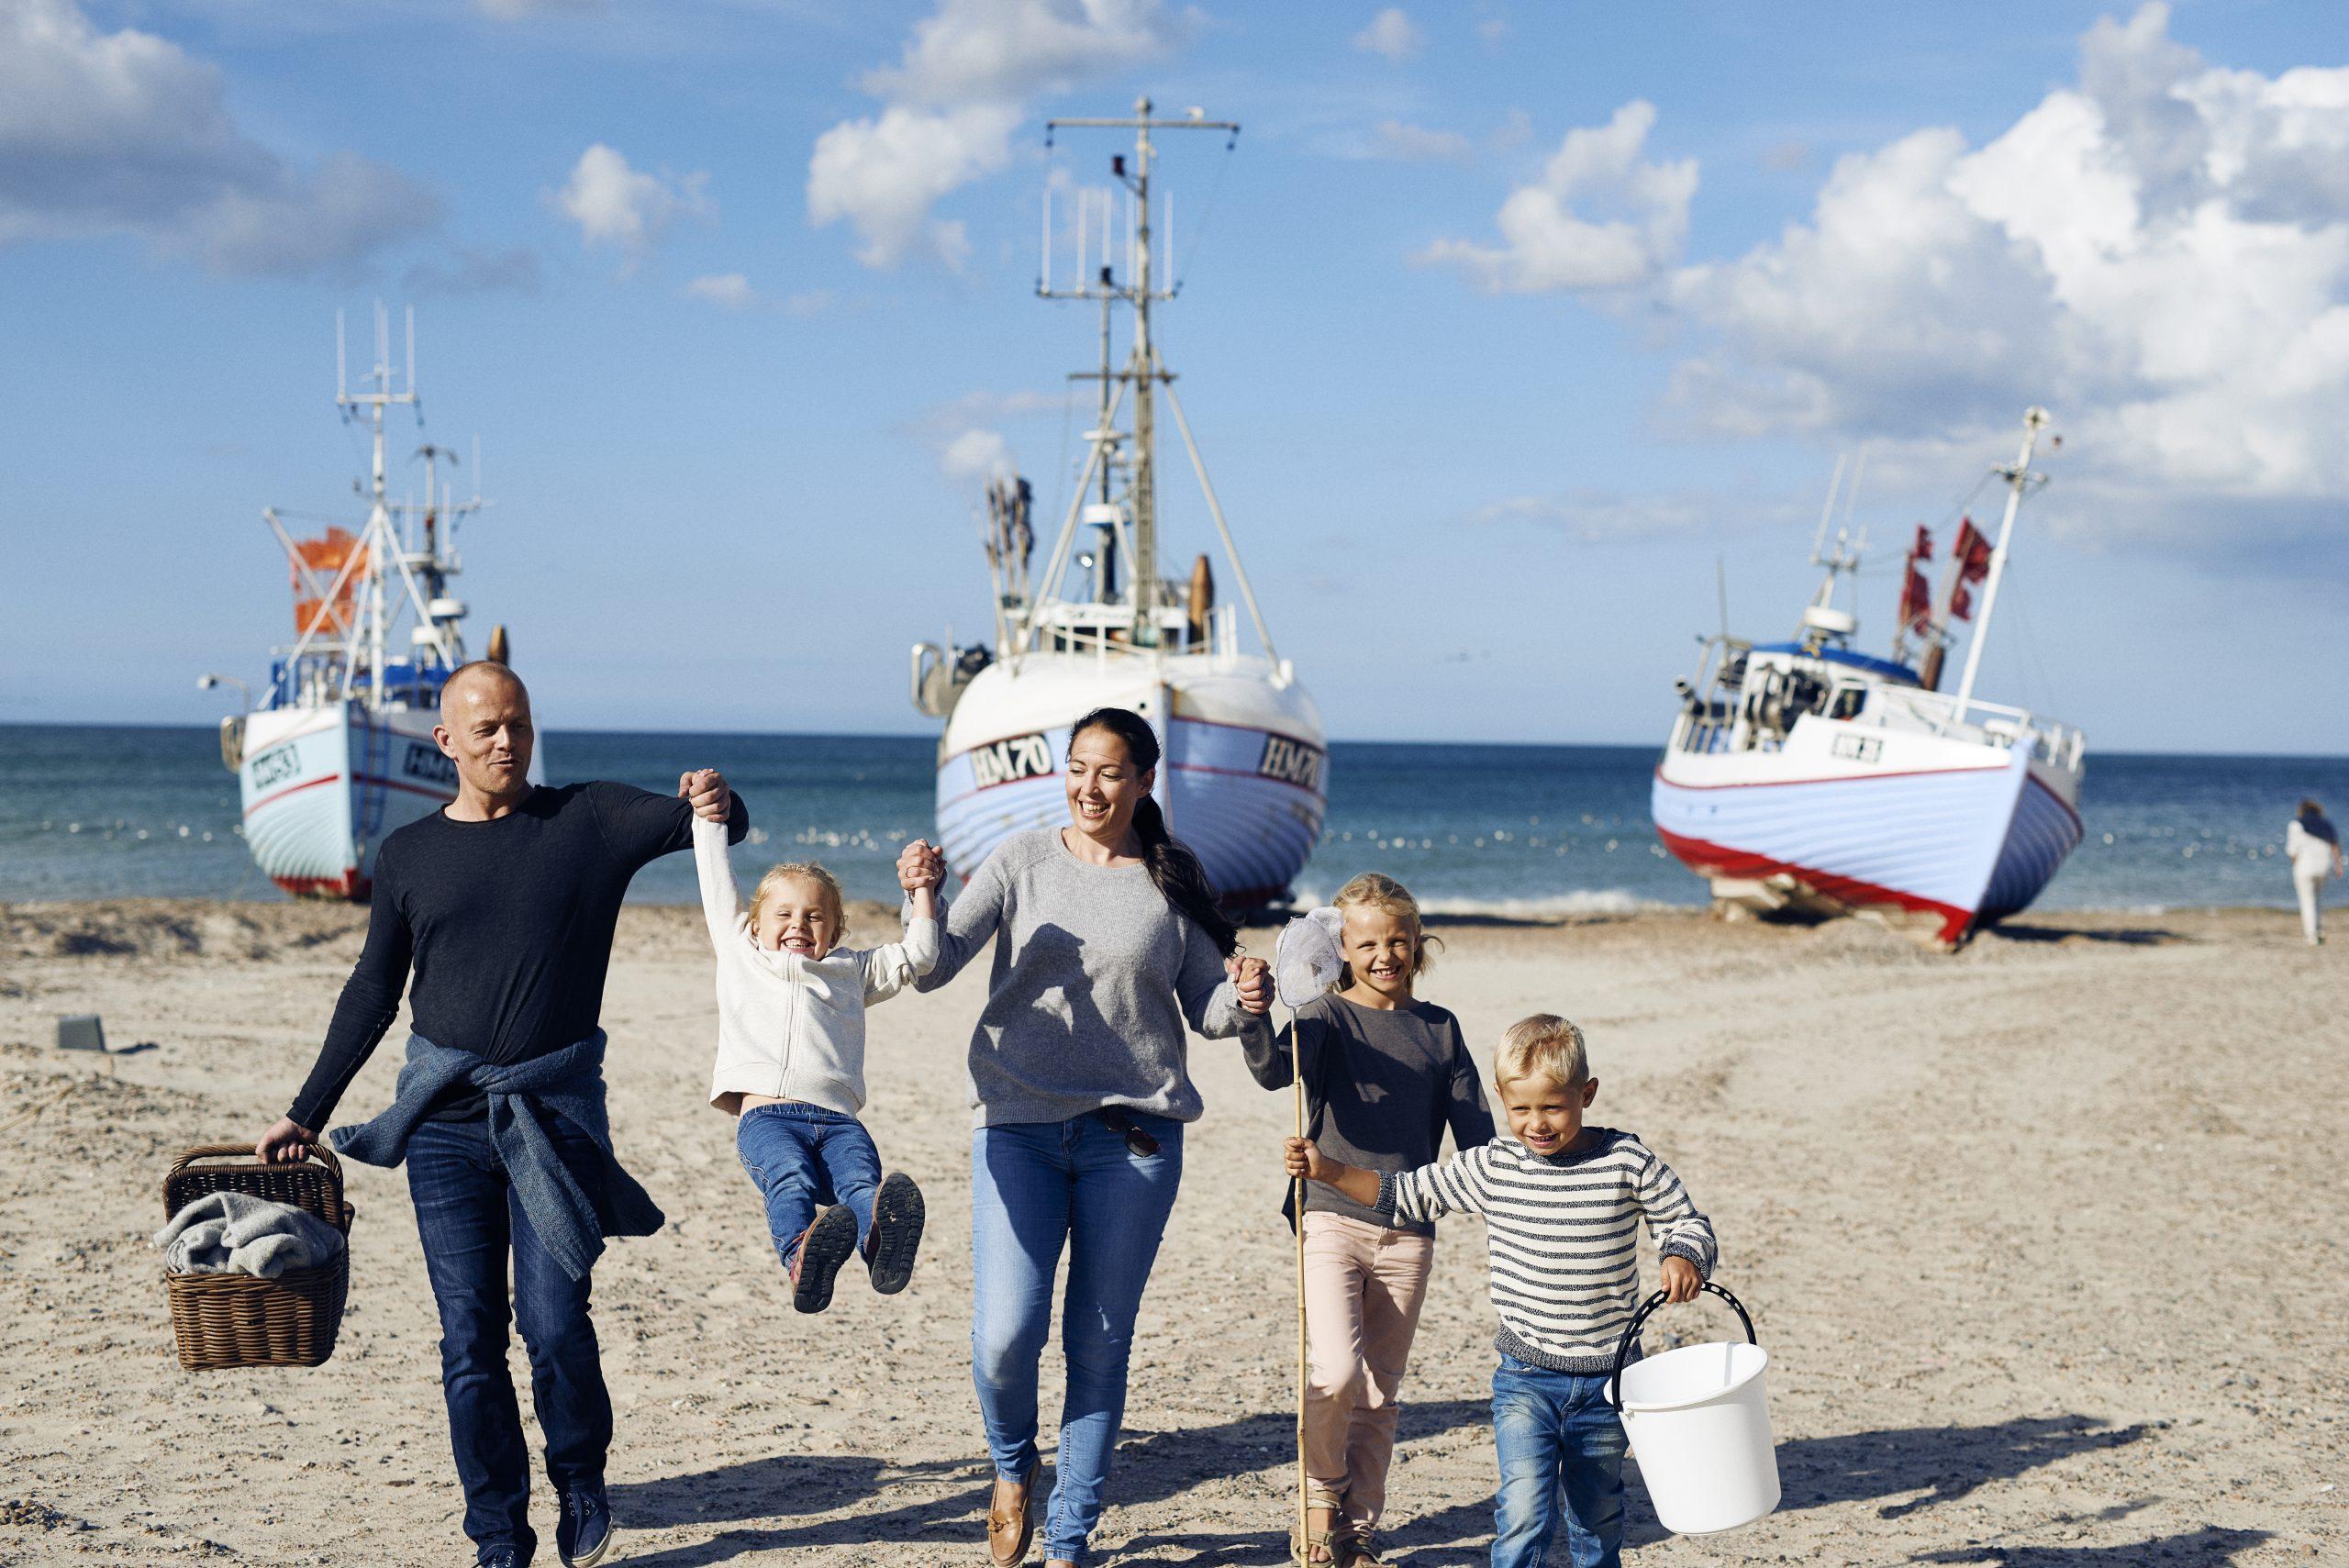 Der er øget fokus på atter at holde ferie i Danmark fra de fem primære markeder. Her er der feriestemning på nordjyske Thorup Strand. Arkivpressefoto fra VisitDenmark: Niclas Jessen.